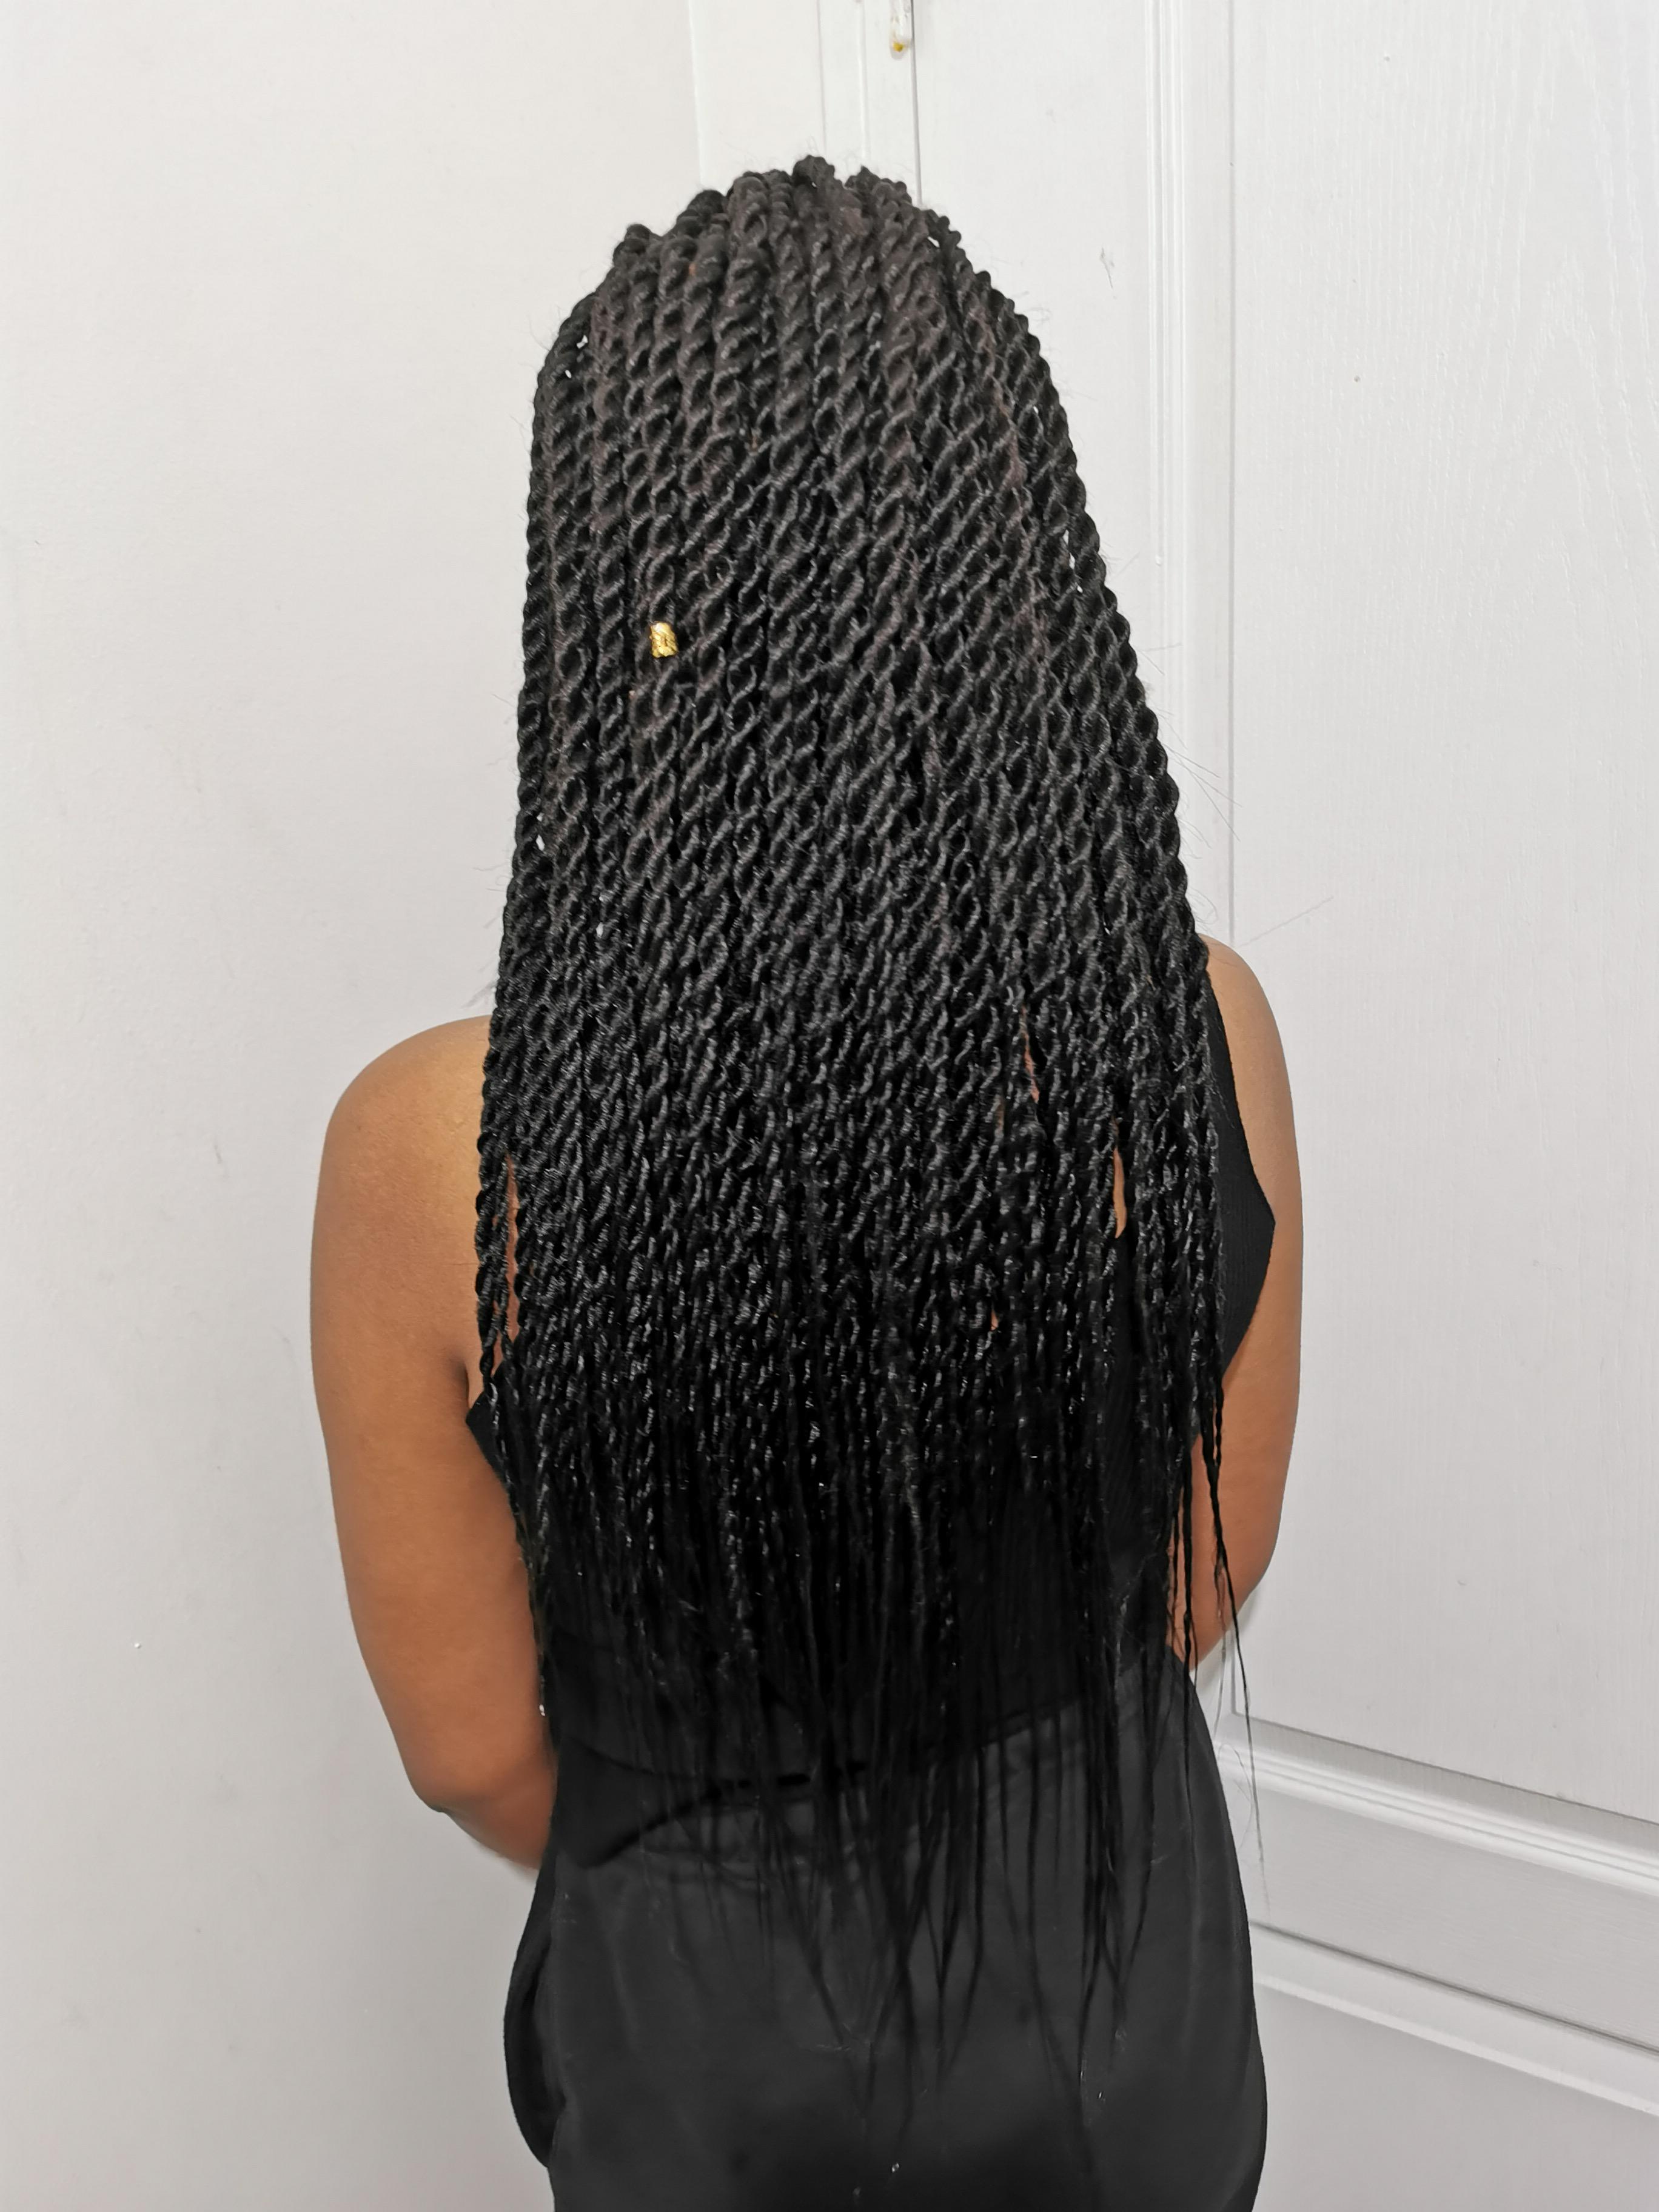 salon de coiffure afro tresse tresses box braids crochet braids vanilles tissages paris 75 77 78 91 92 93 94 95 UALVHBBW